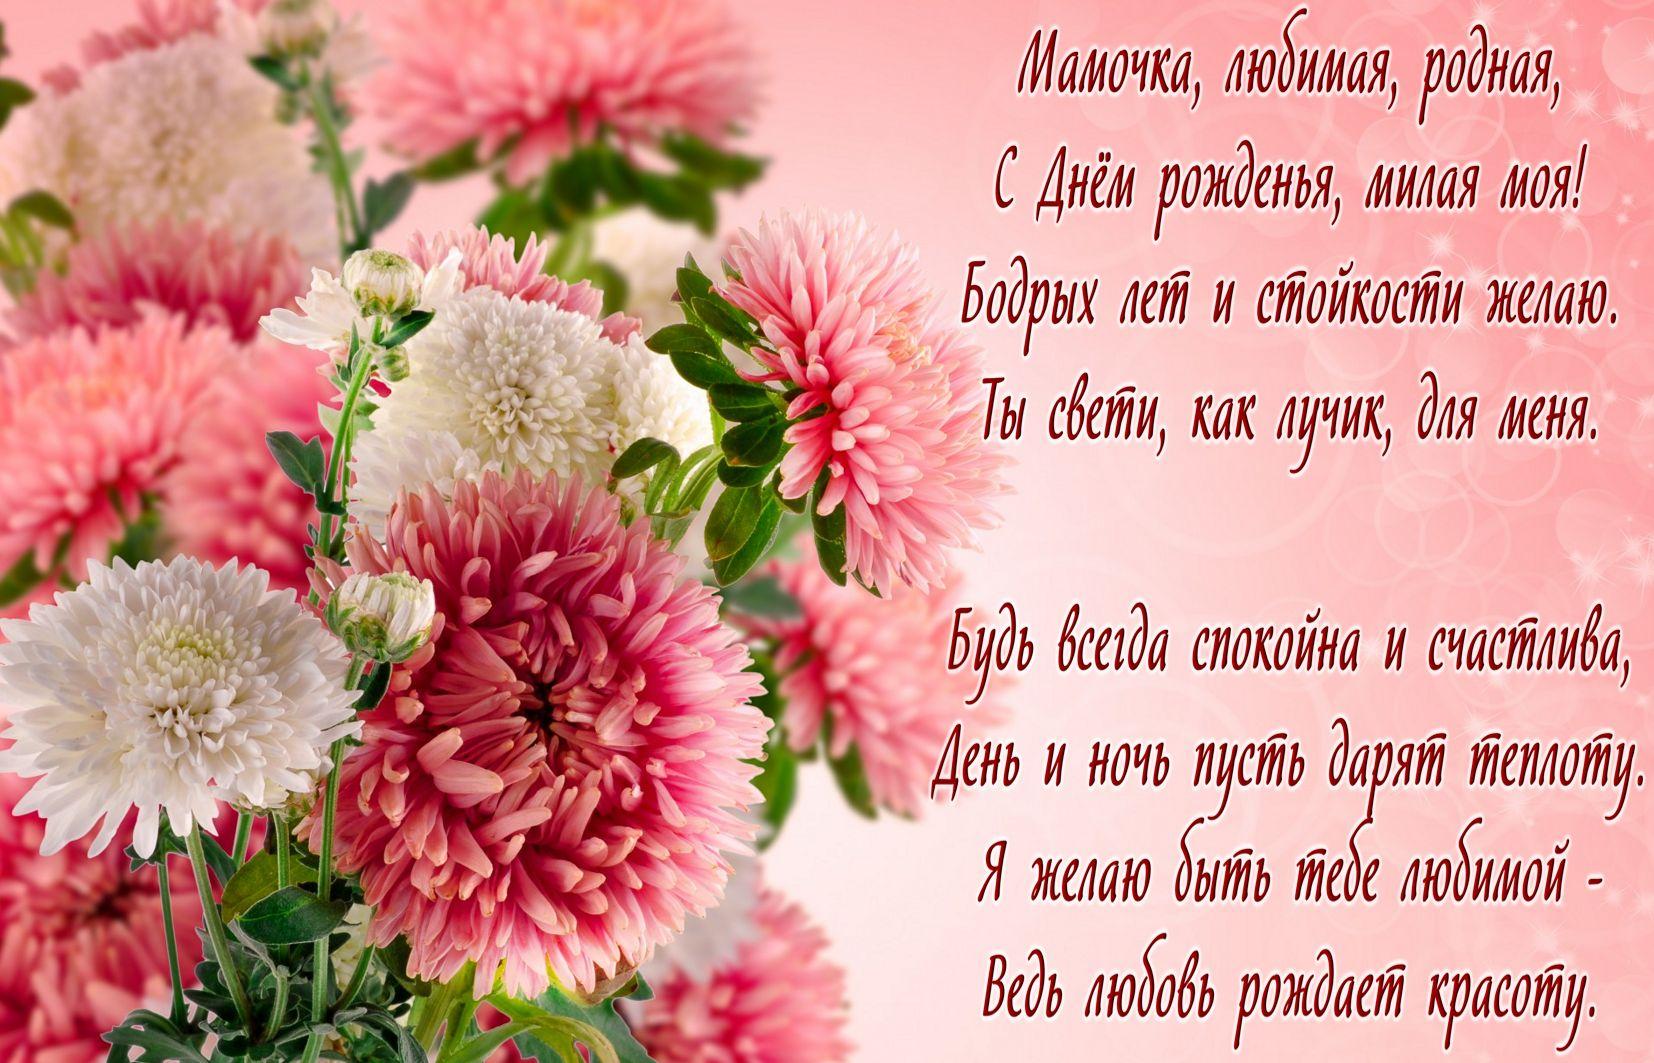 Поздравление женщине маме и бабушке очень хорошее со смыслом